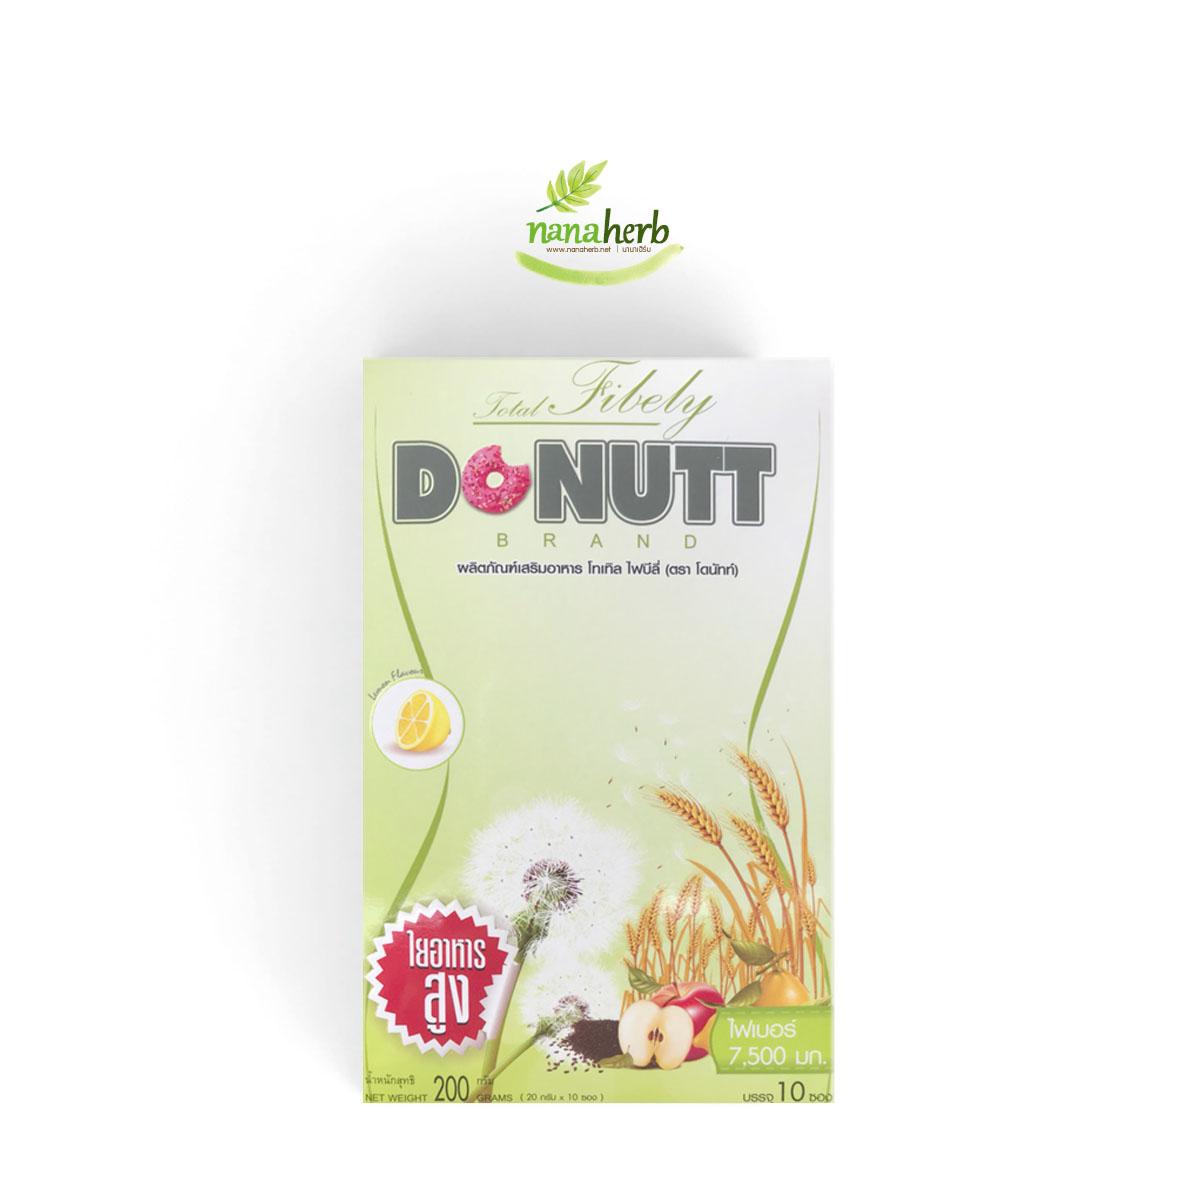 Donutt Fibely 7500 (โดนัท ไฟบีลี่ 7500)